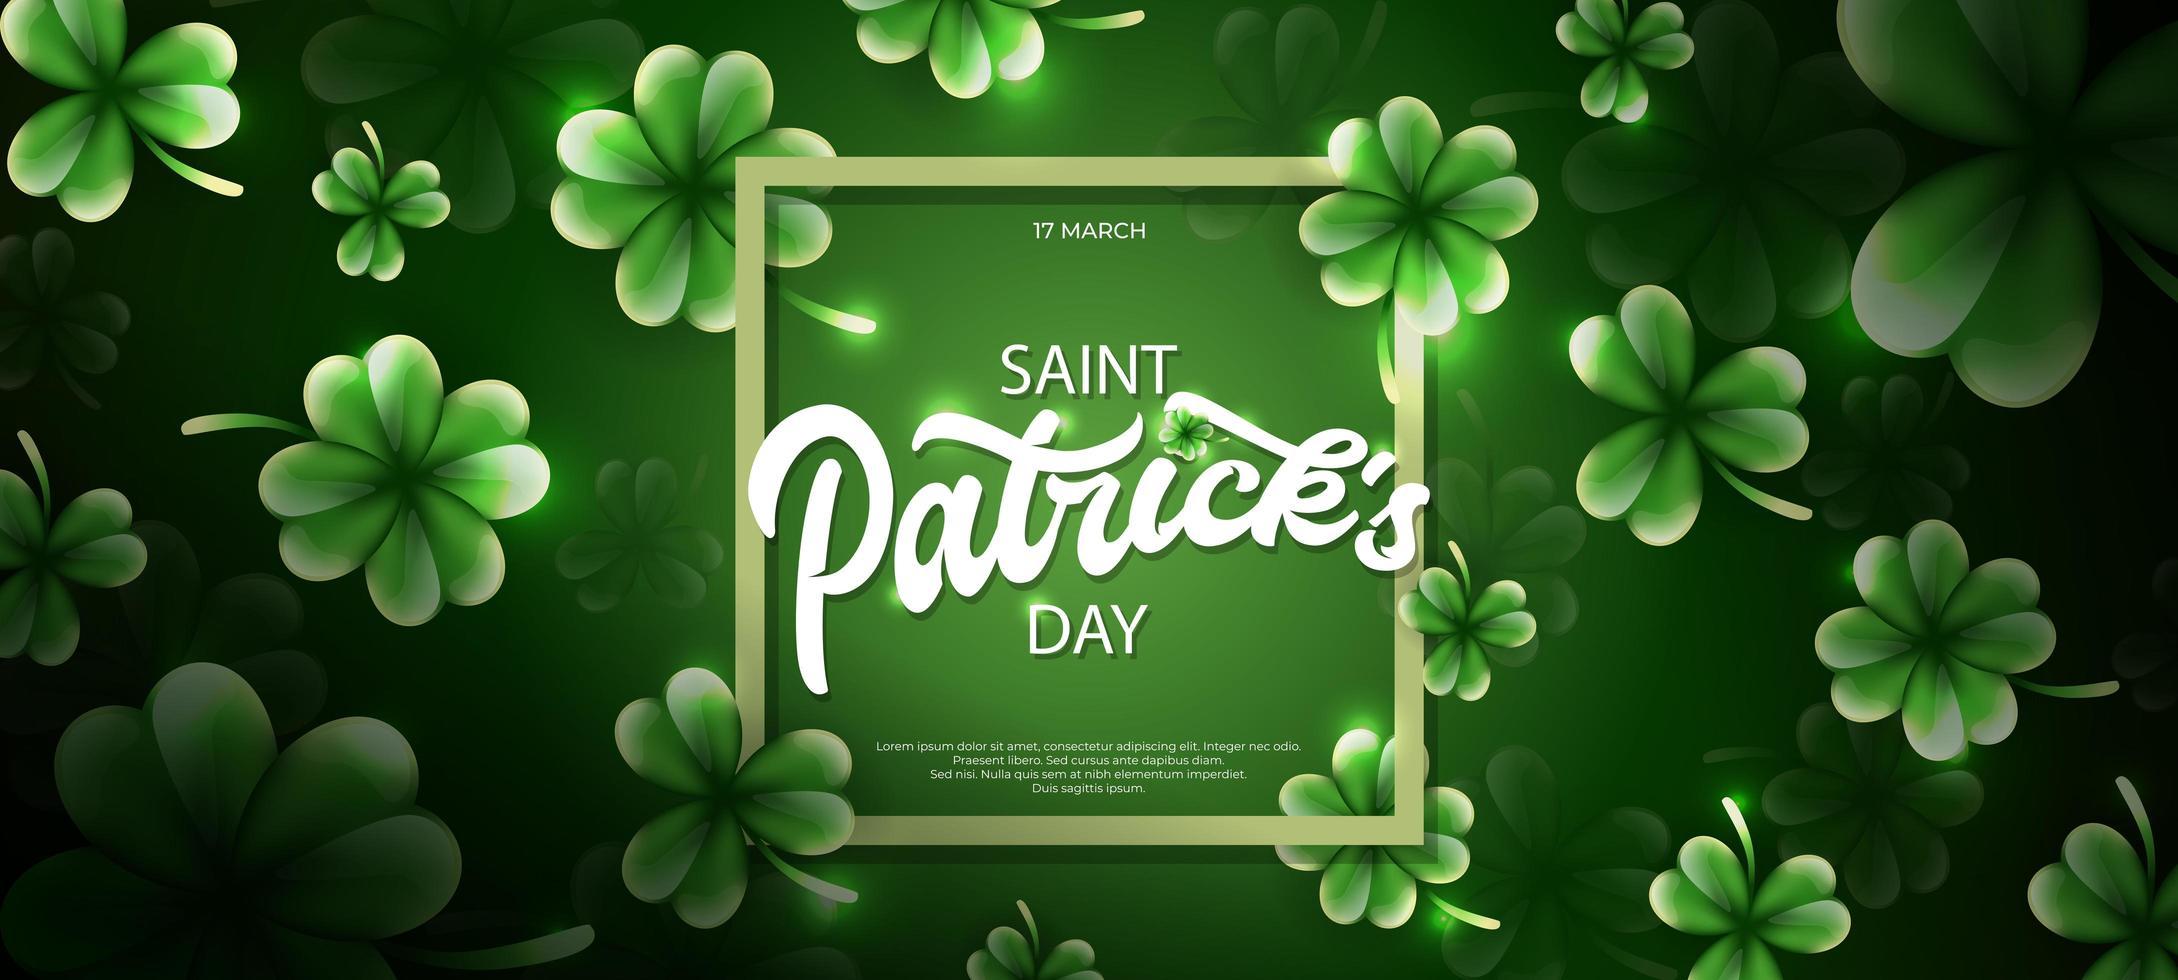 saint patrick's day illustration med klöverblad prydnad vektor